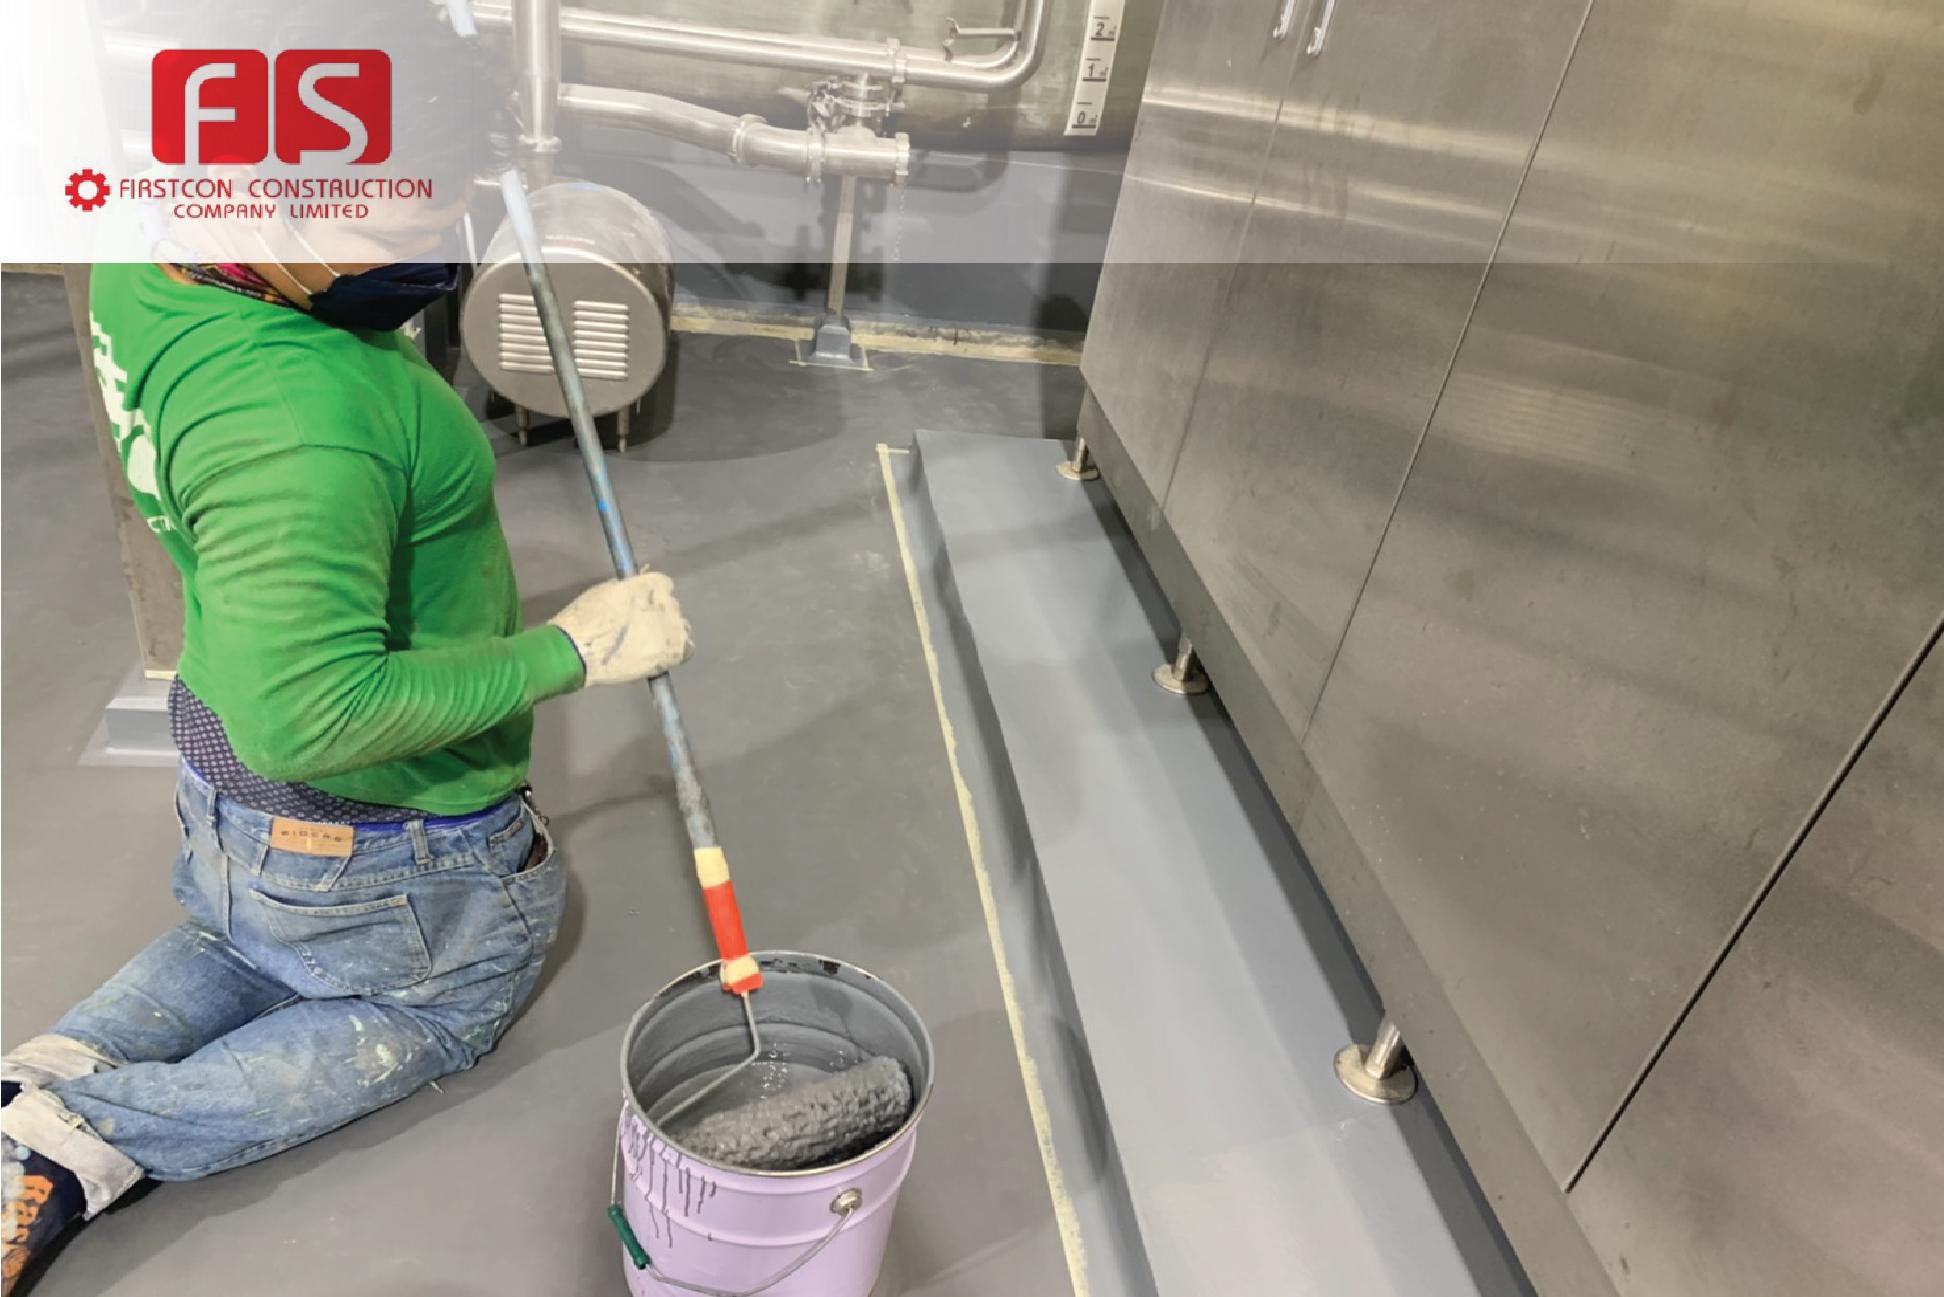 งานเคลือบพื้น ด้วย PU coating ห้องเครื่อง